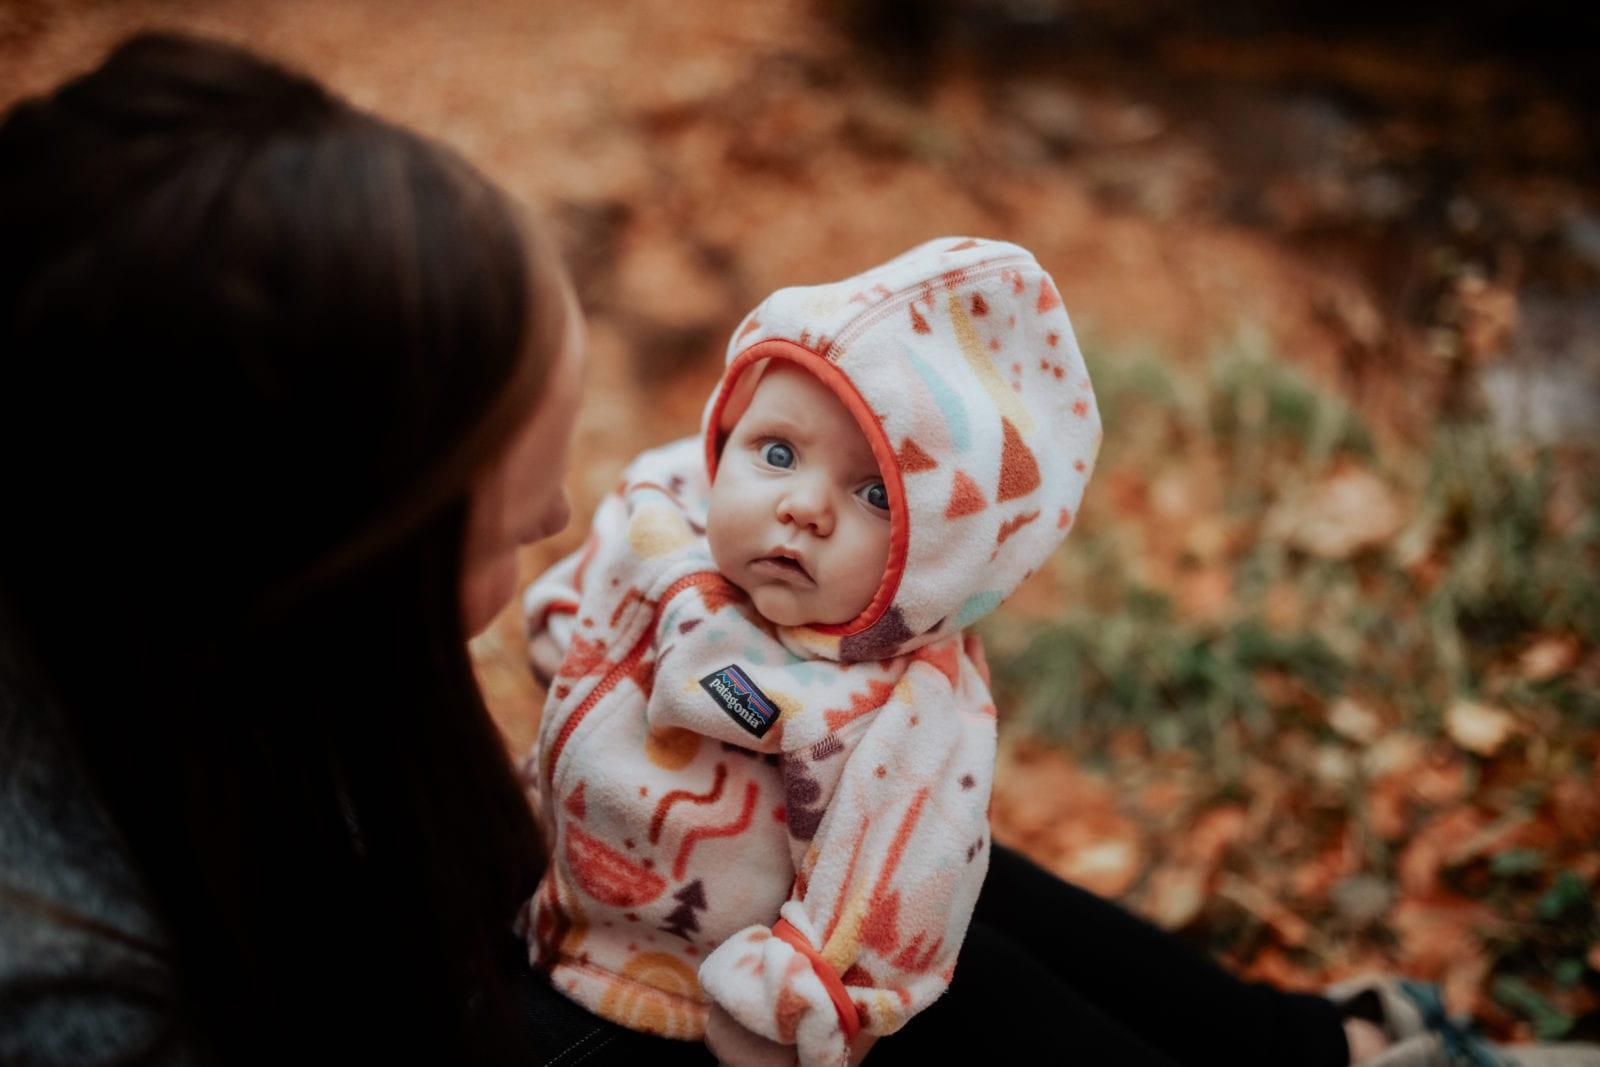 Baby Hilde is wearing Patagonia